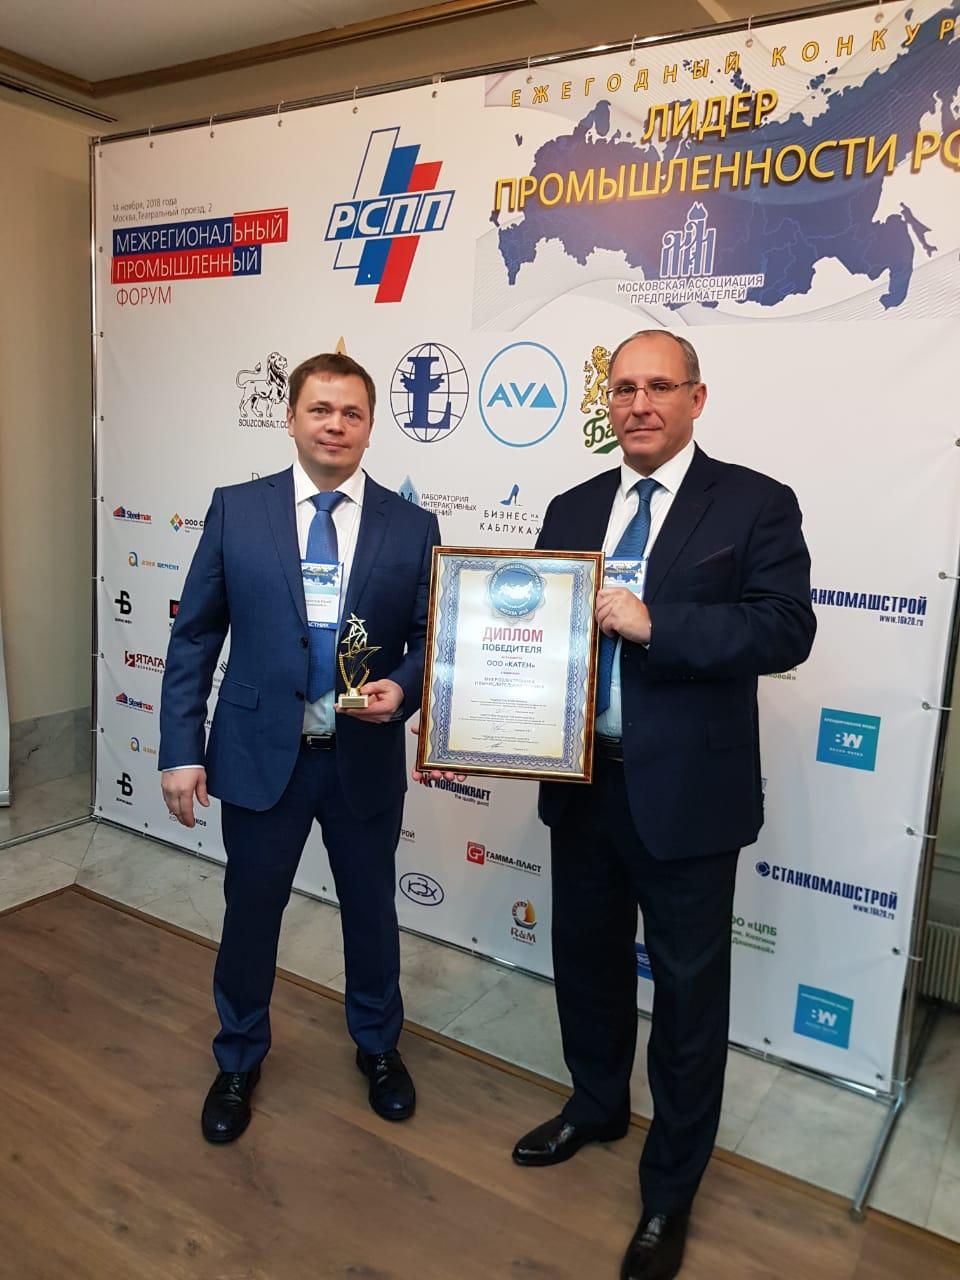 Лидер промышленности РФ 2018